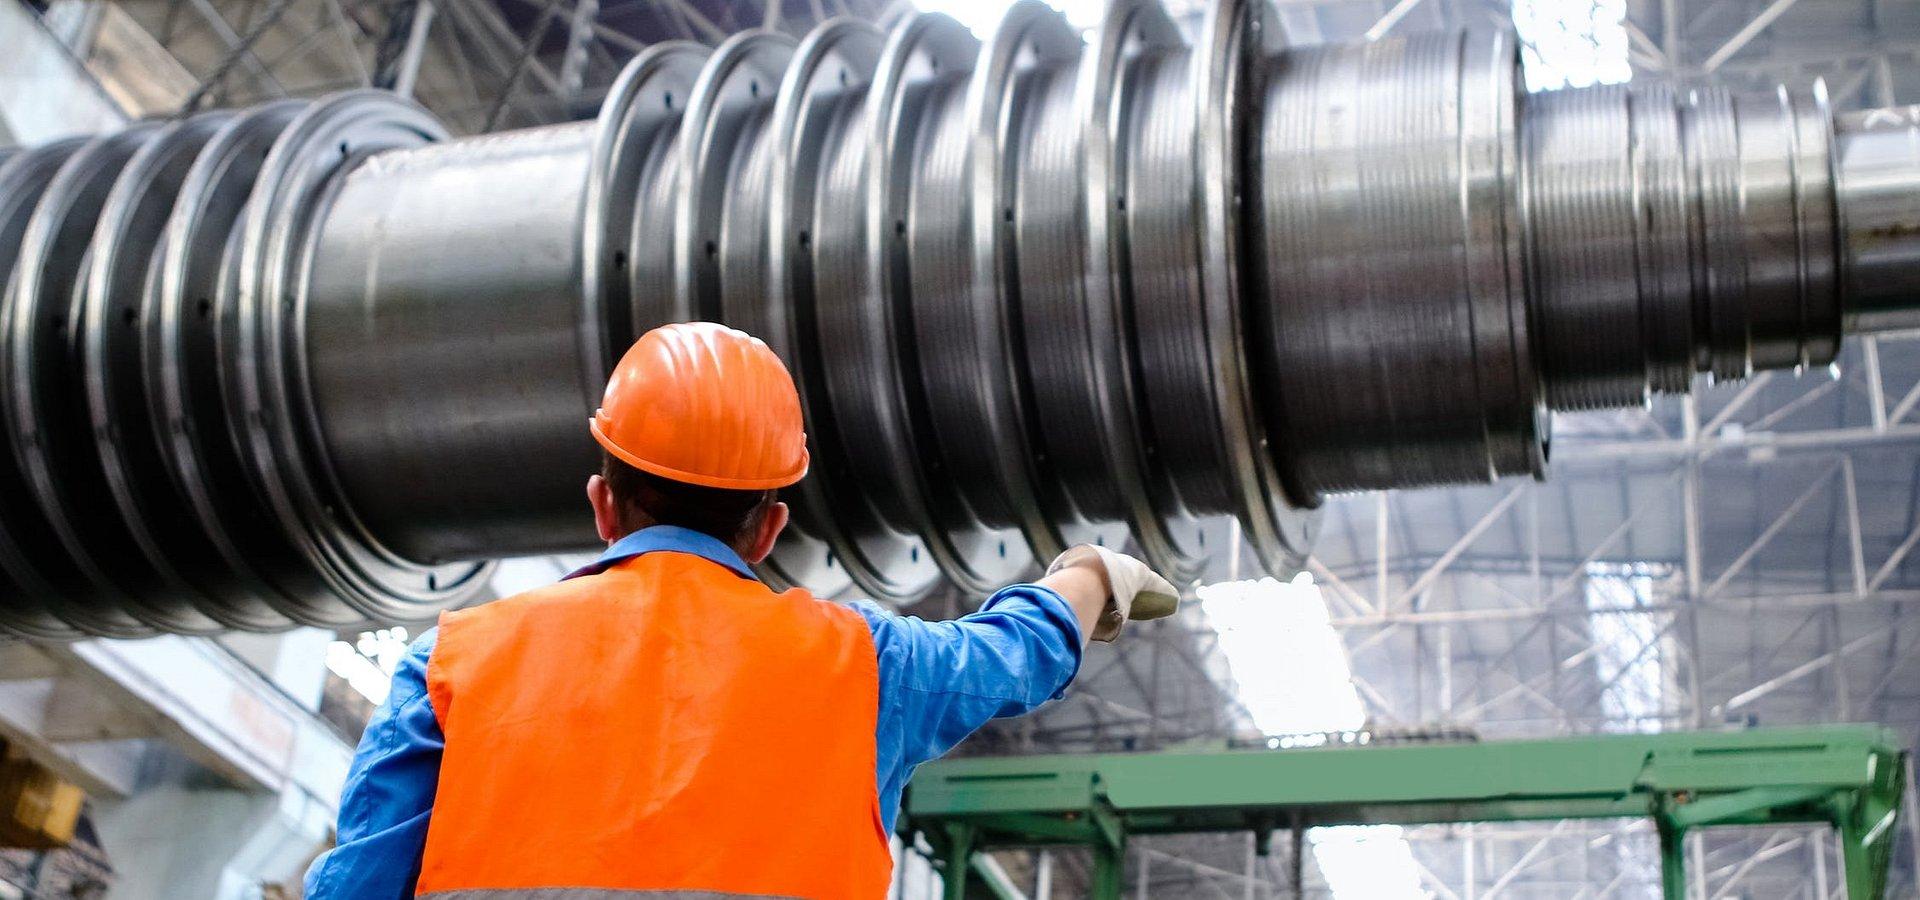 Produkcja przemysłowa: nastroje rekrutacyjne firm mniej optymistyczne